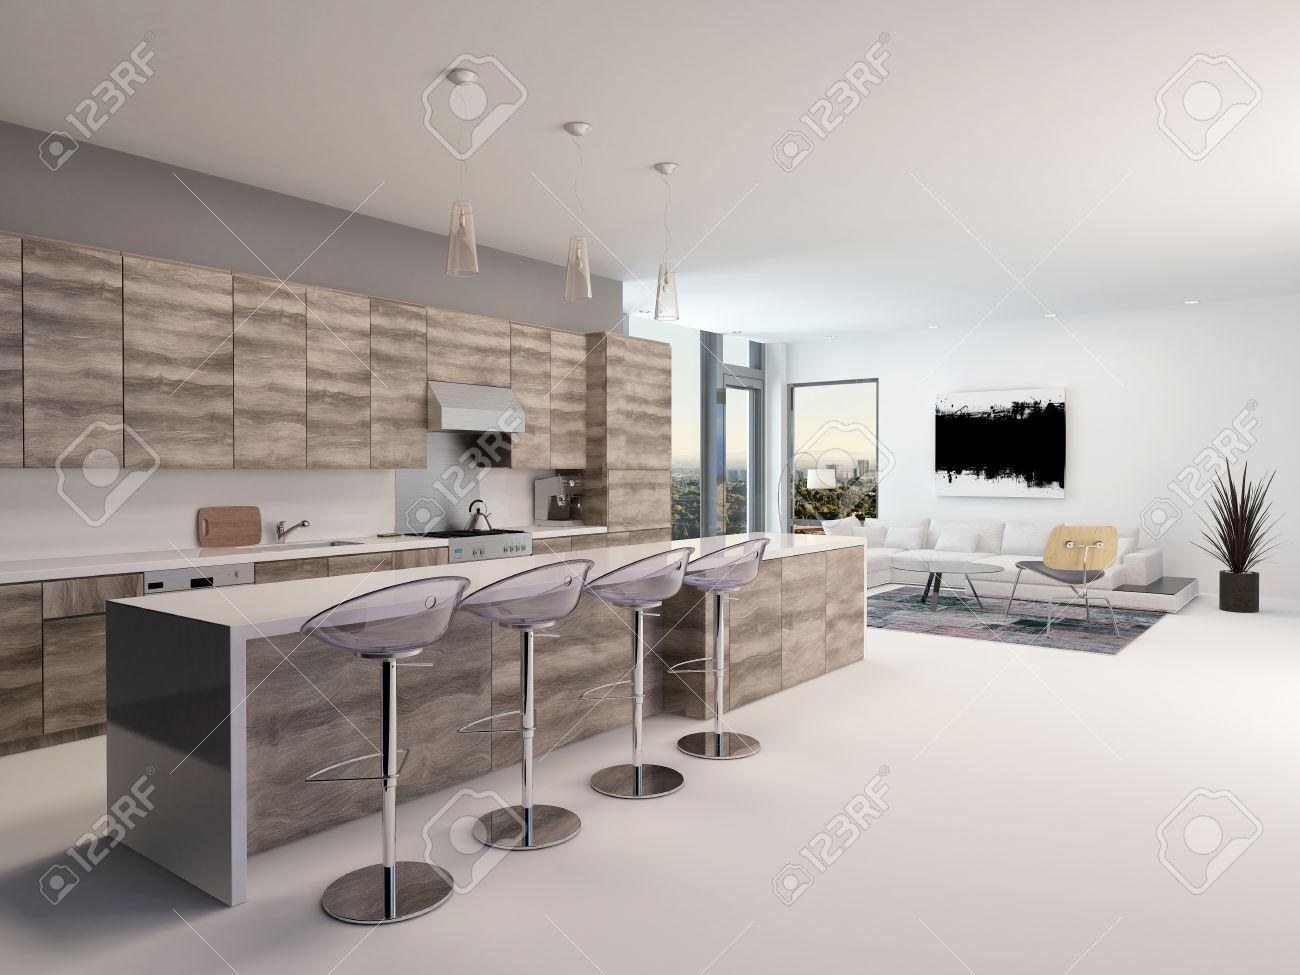 Rustieke stijl houten open keuken interieur met een lange bar en ...